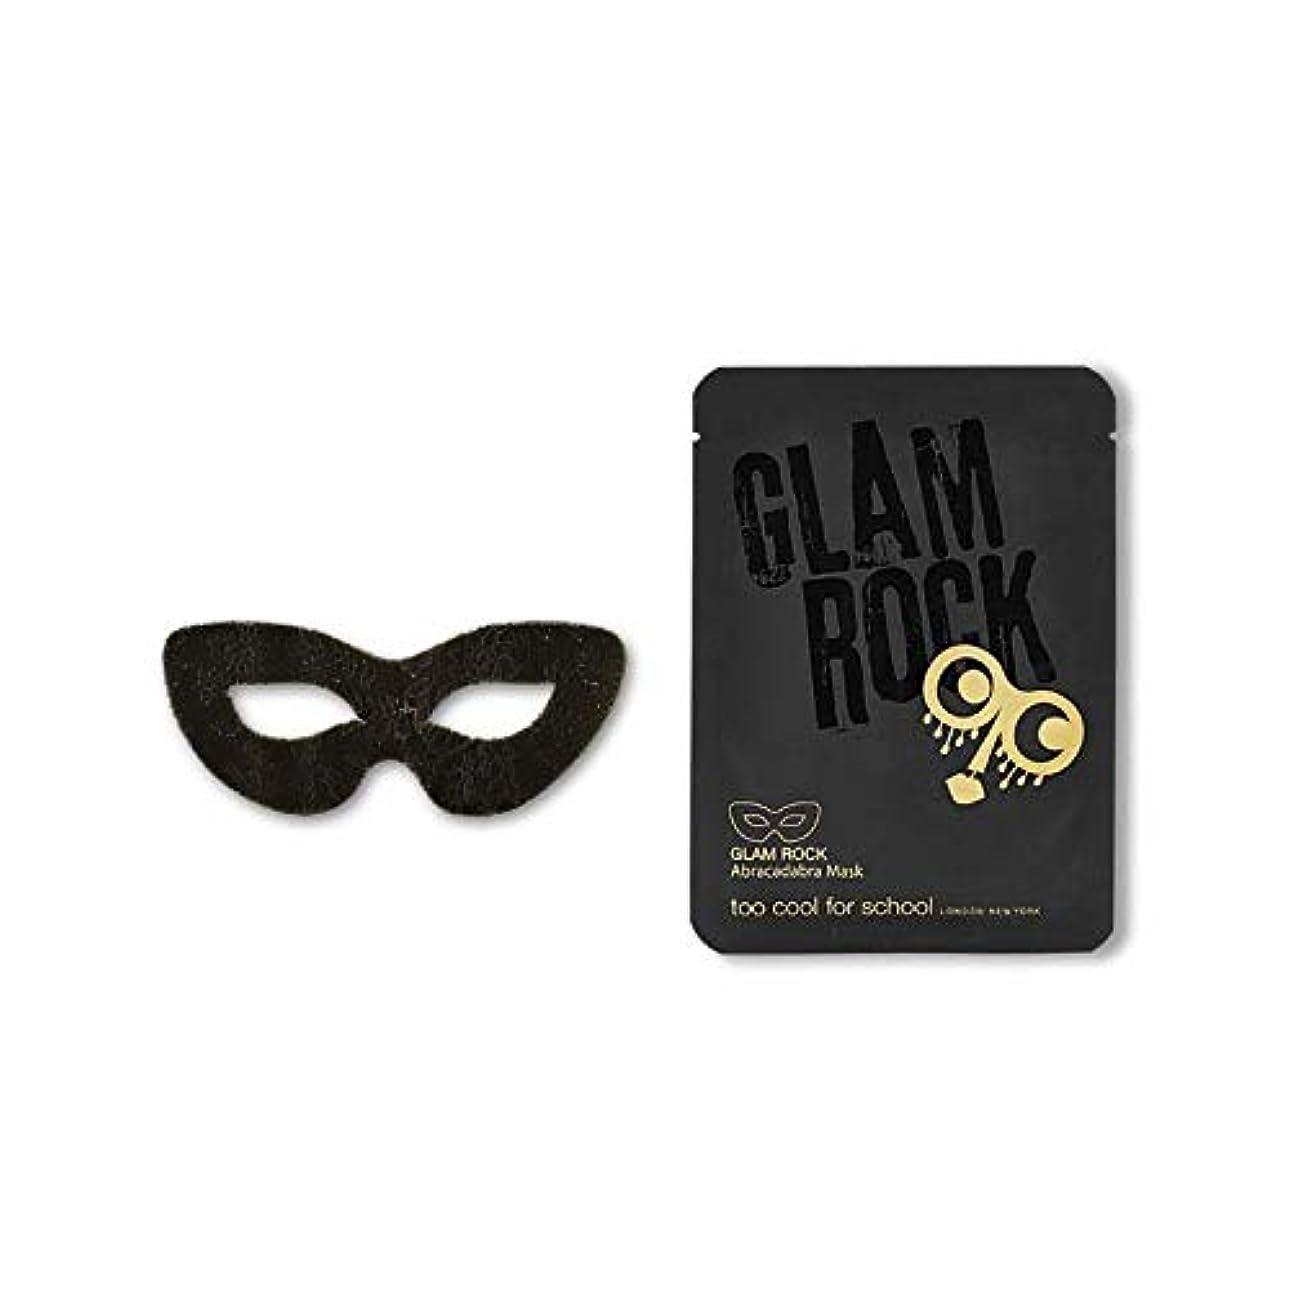 カイウス化合物一致TOO COOL FOR SCHOOL Glam Rock Abracadabra Mask (並行輸入品)